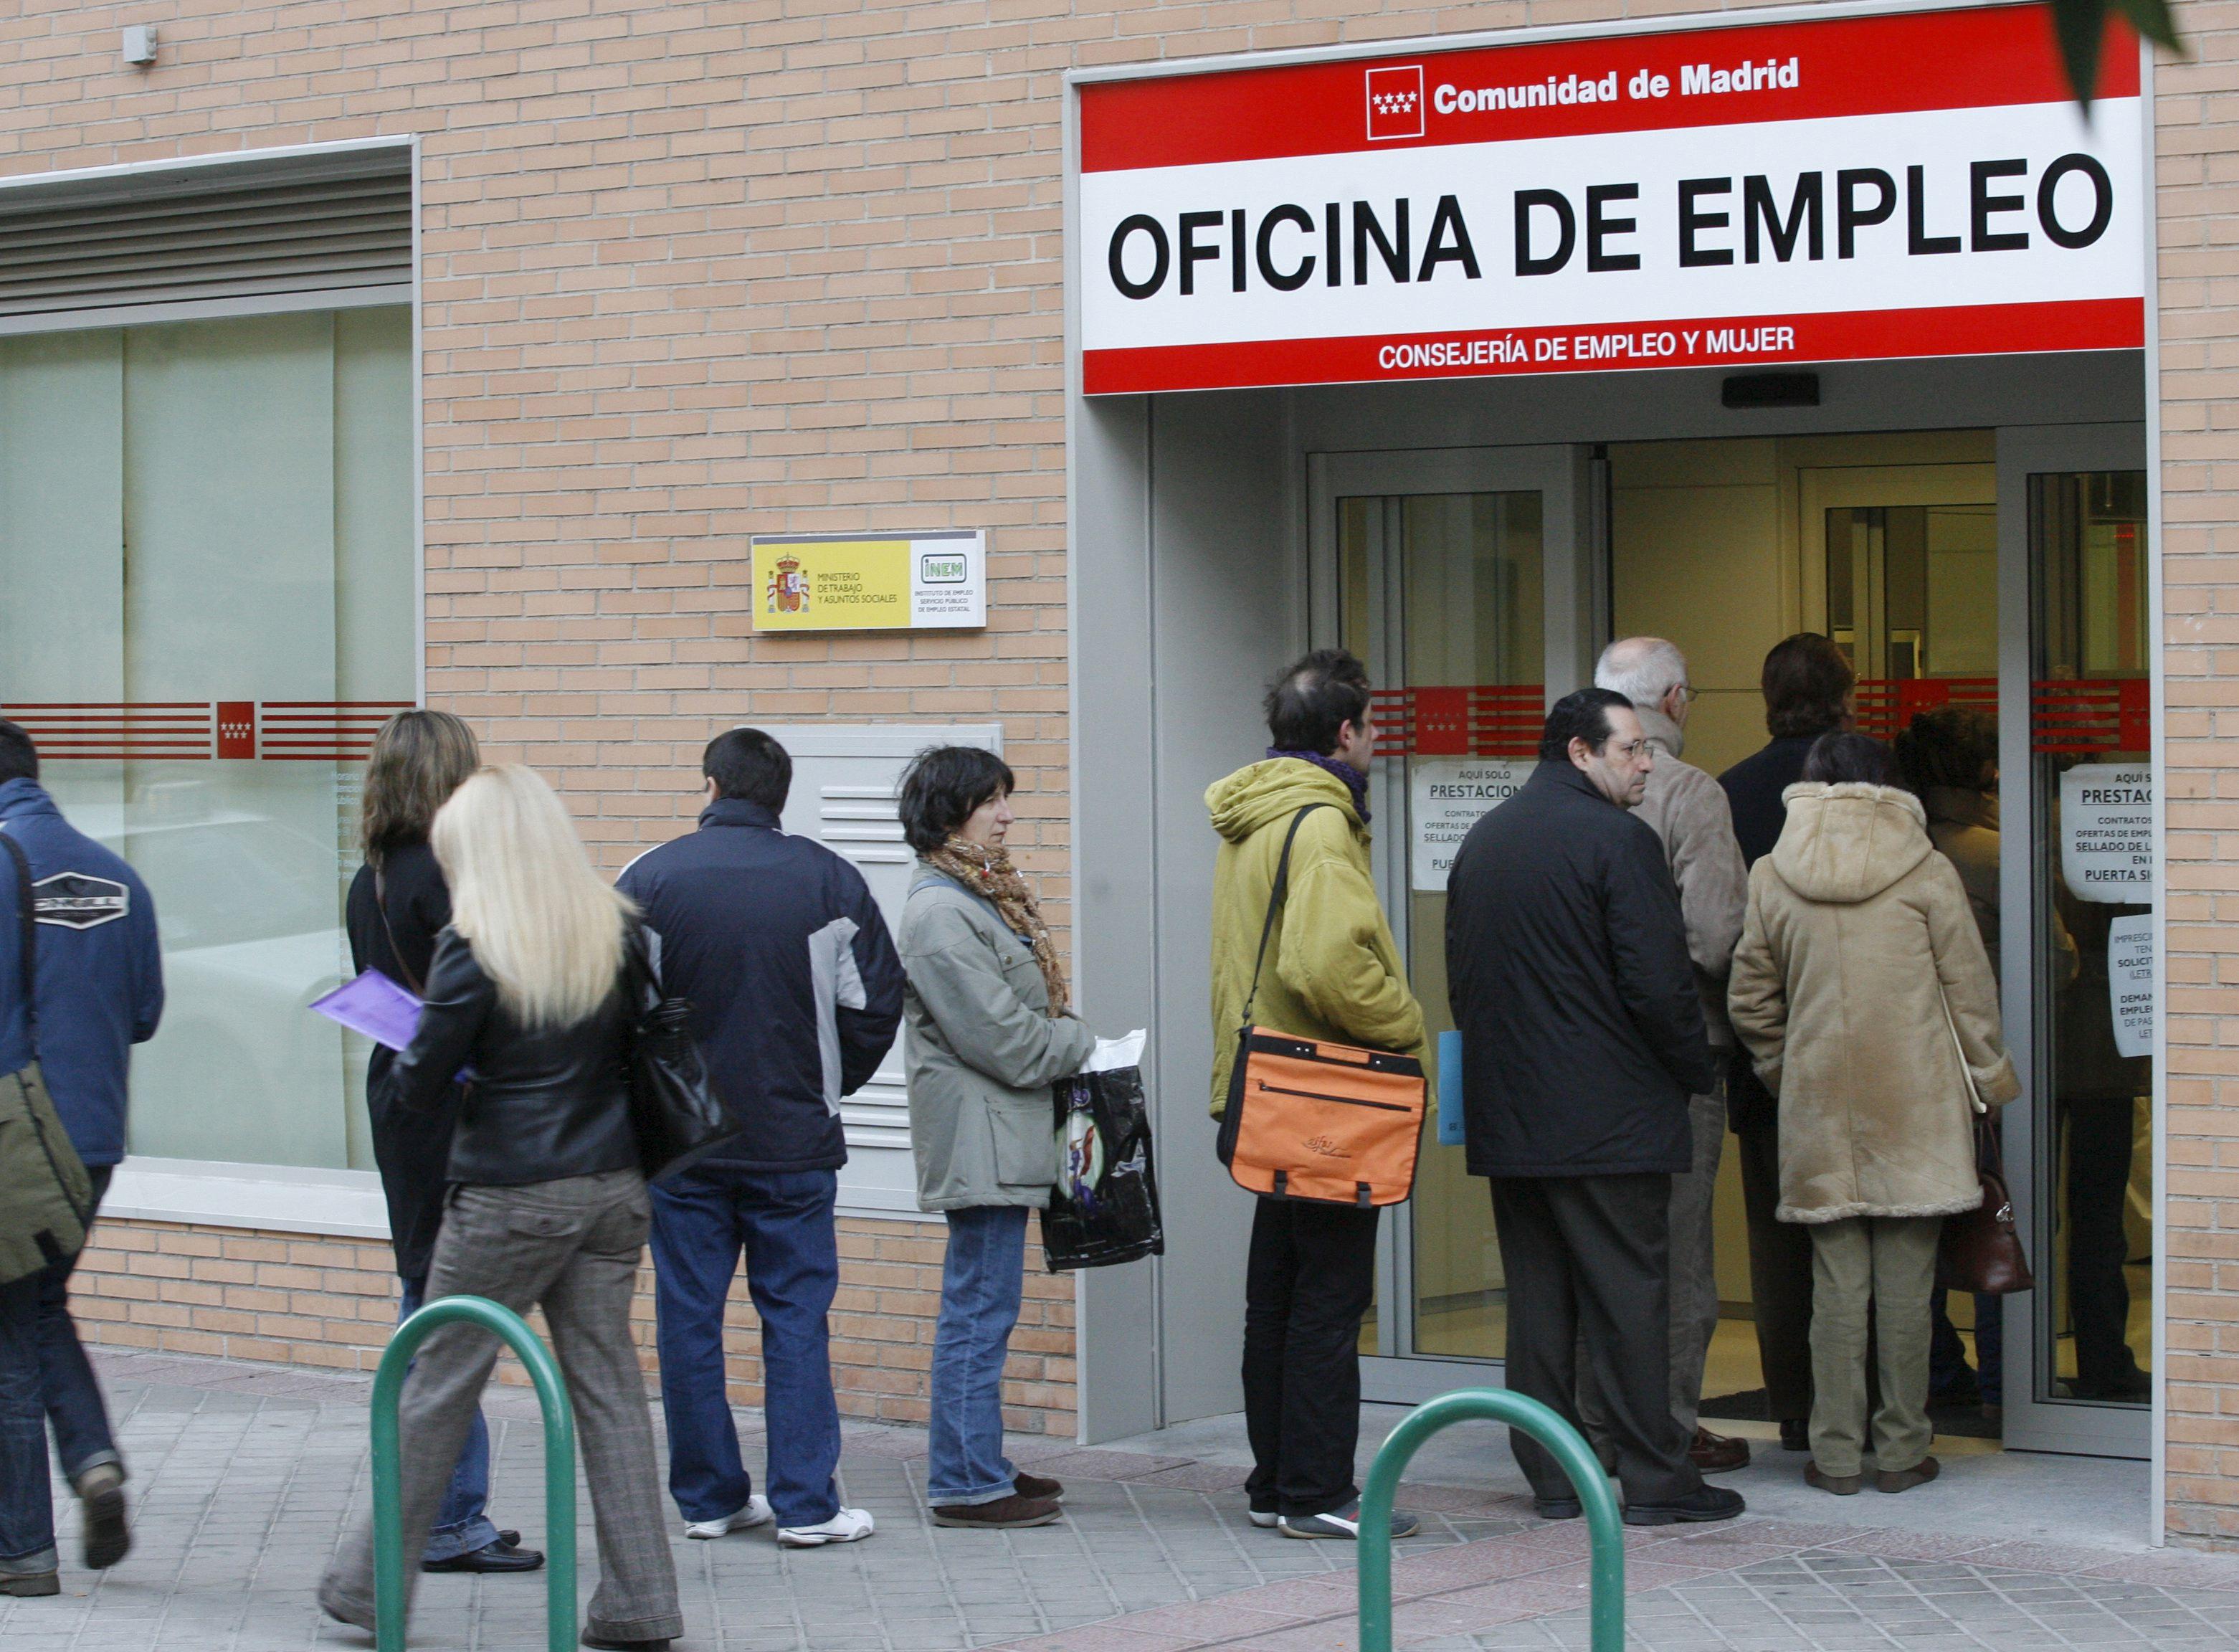 El desempleo volvió a subir en mayo en la eurozona y alcanzó el 12,1 por ciento